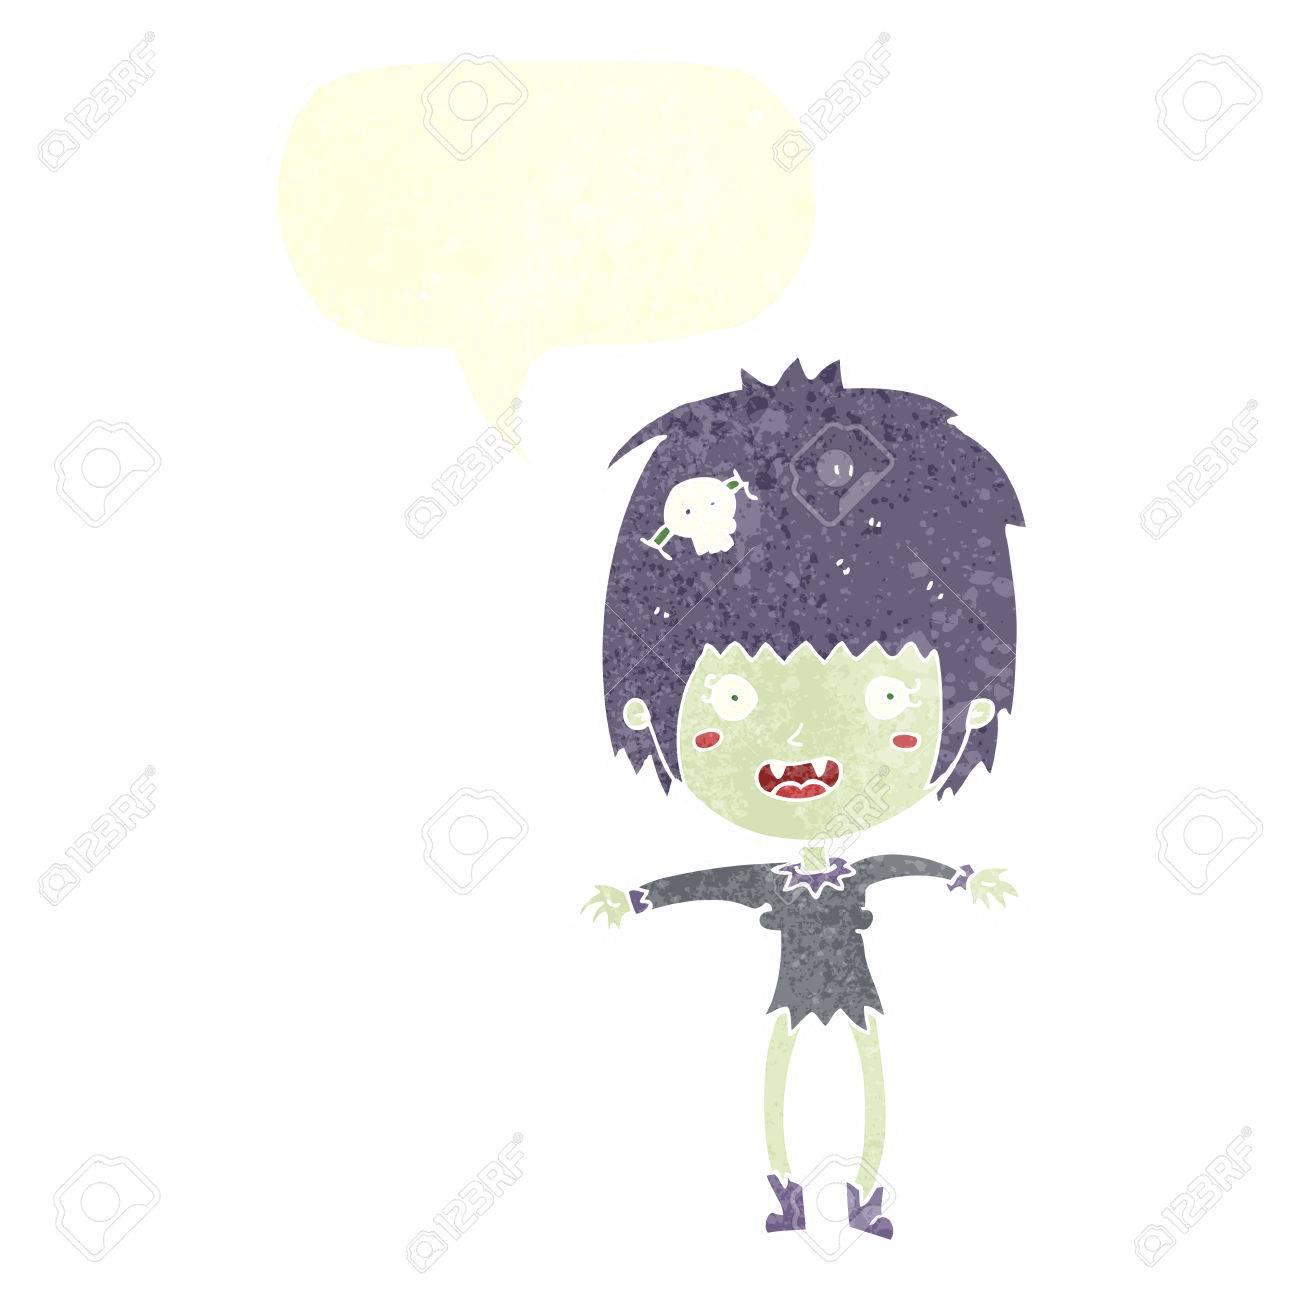 Vettoriale cartone animato vampiro ragazza con la nuvoletta